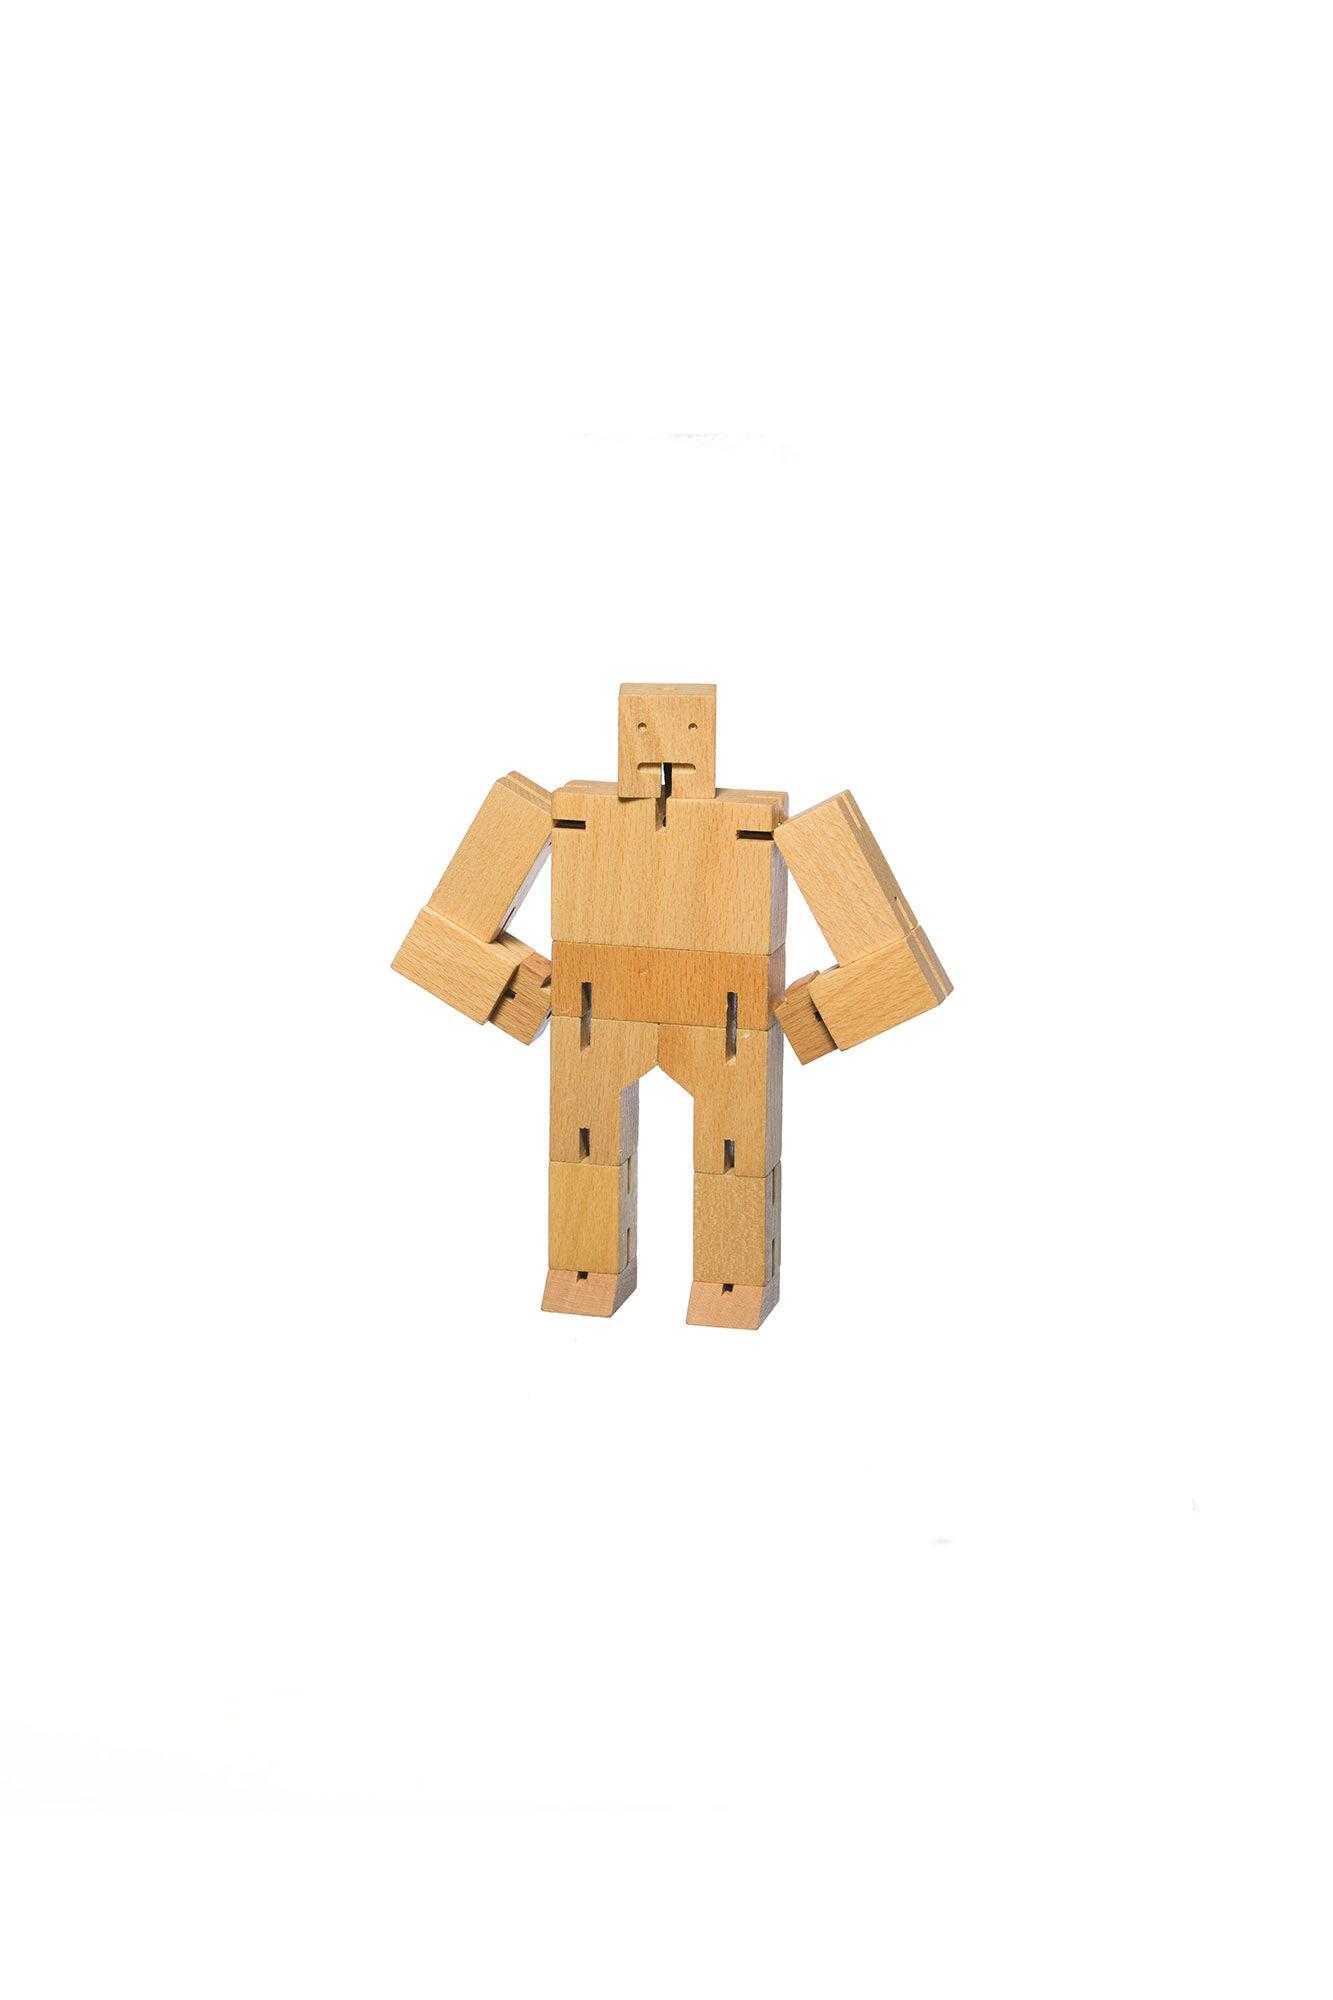 Cubebot julien small 3d puzzle